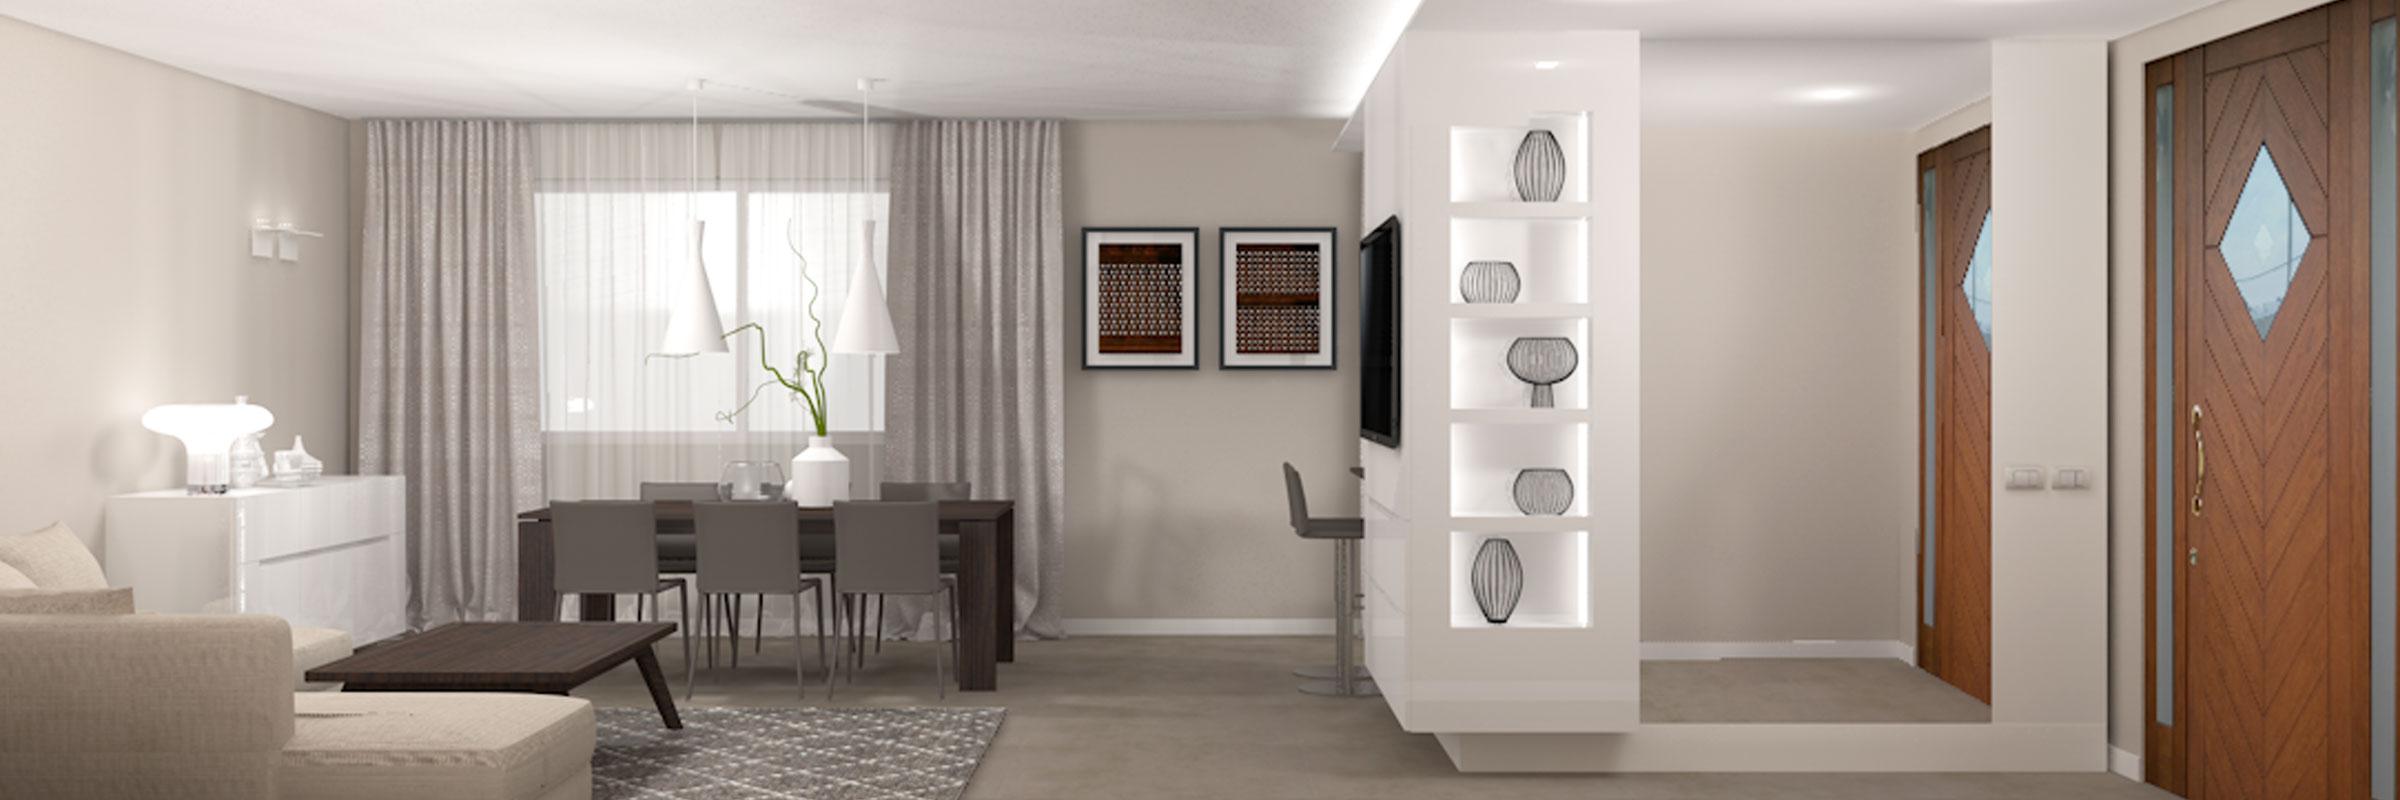 progettazione-3d-arredamento-moderno